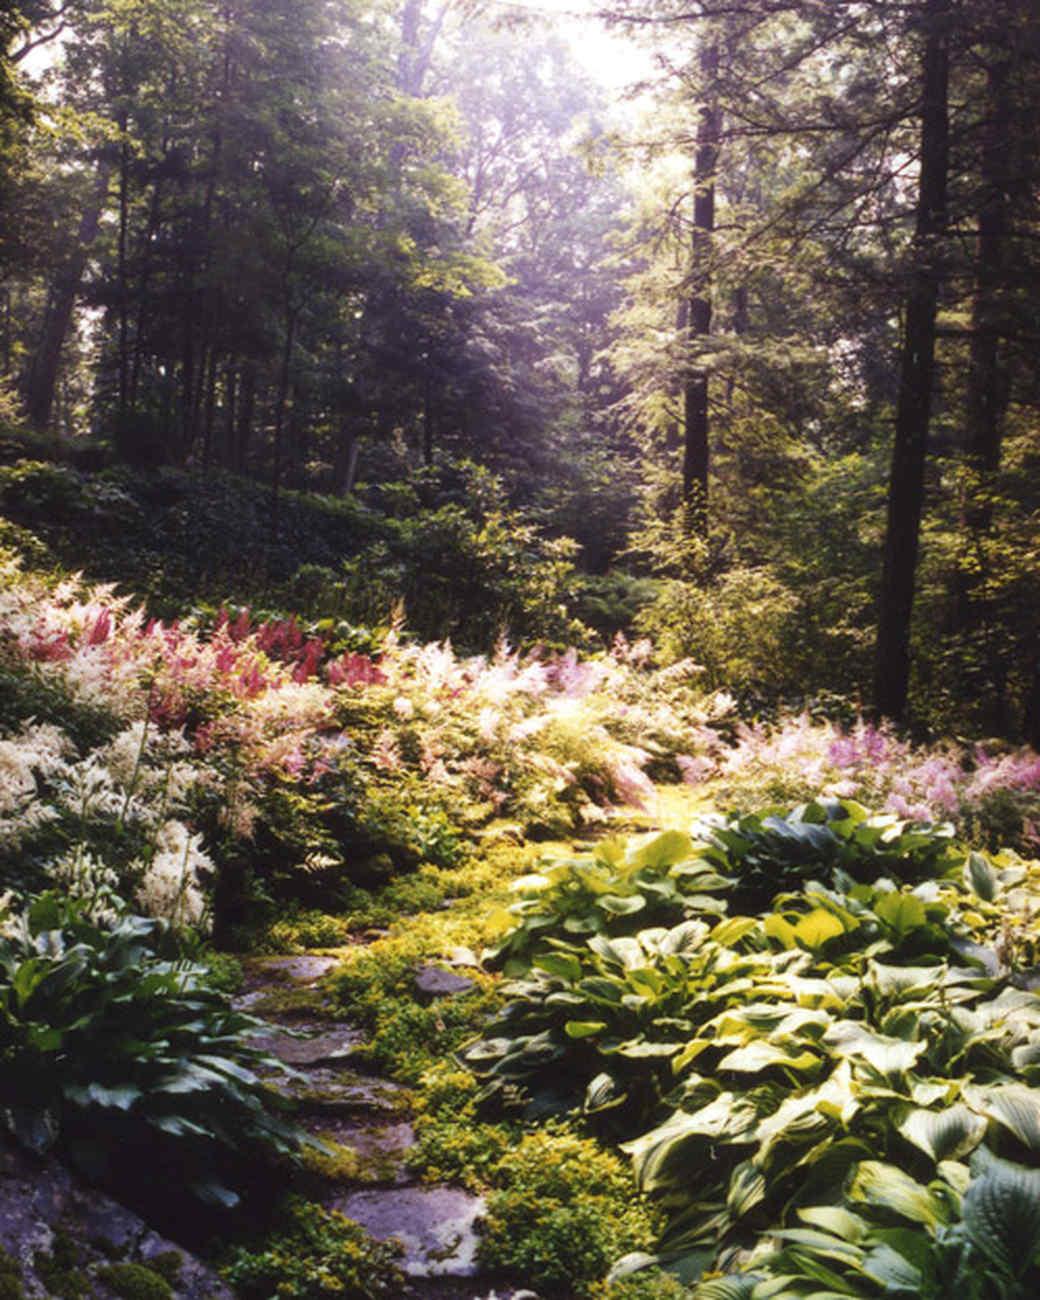 la103363_0708_woodlandgargen.jpg